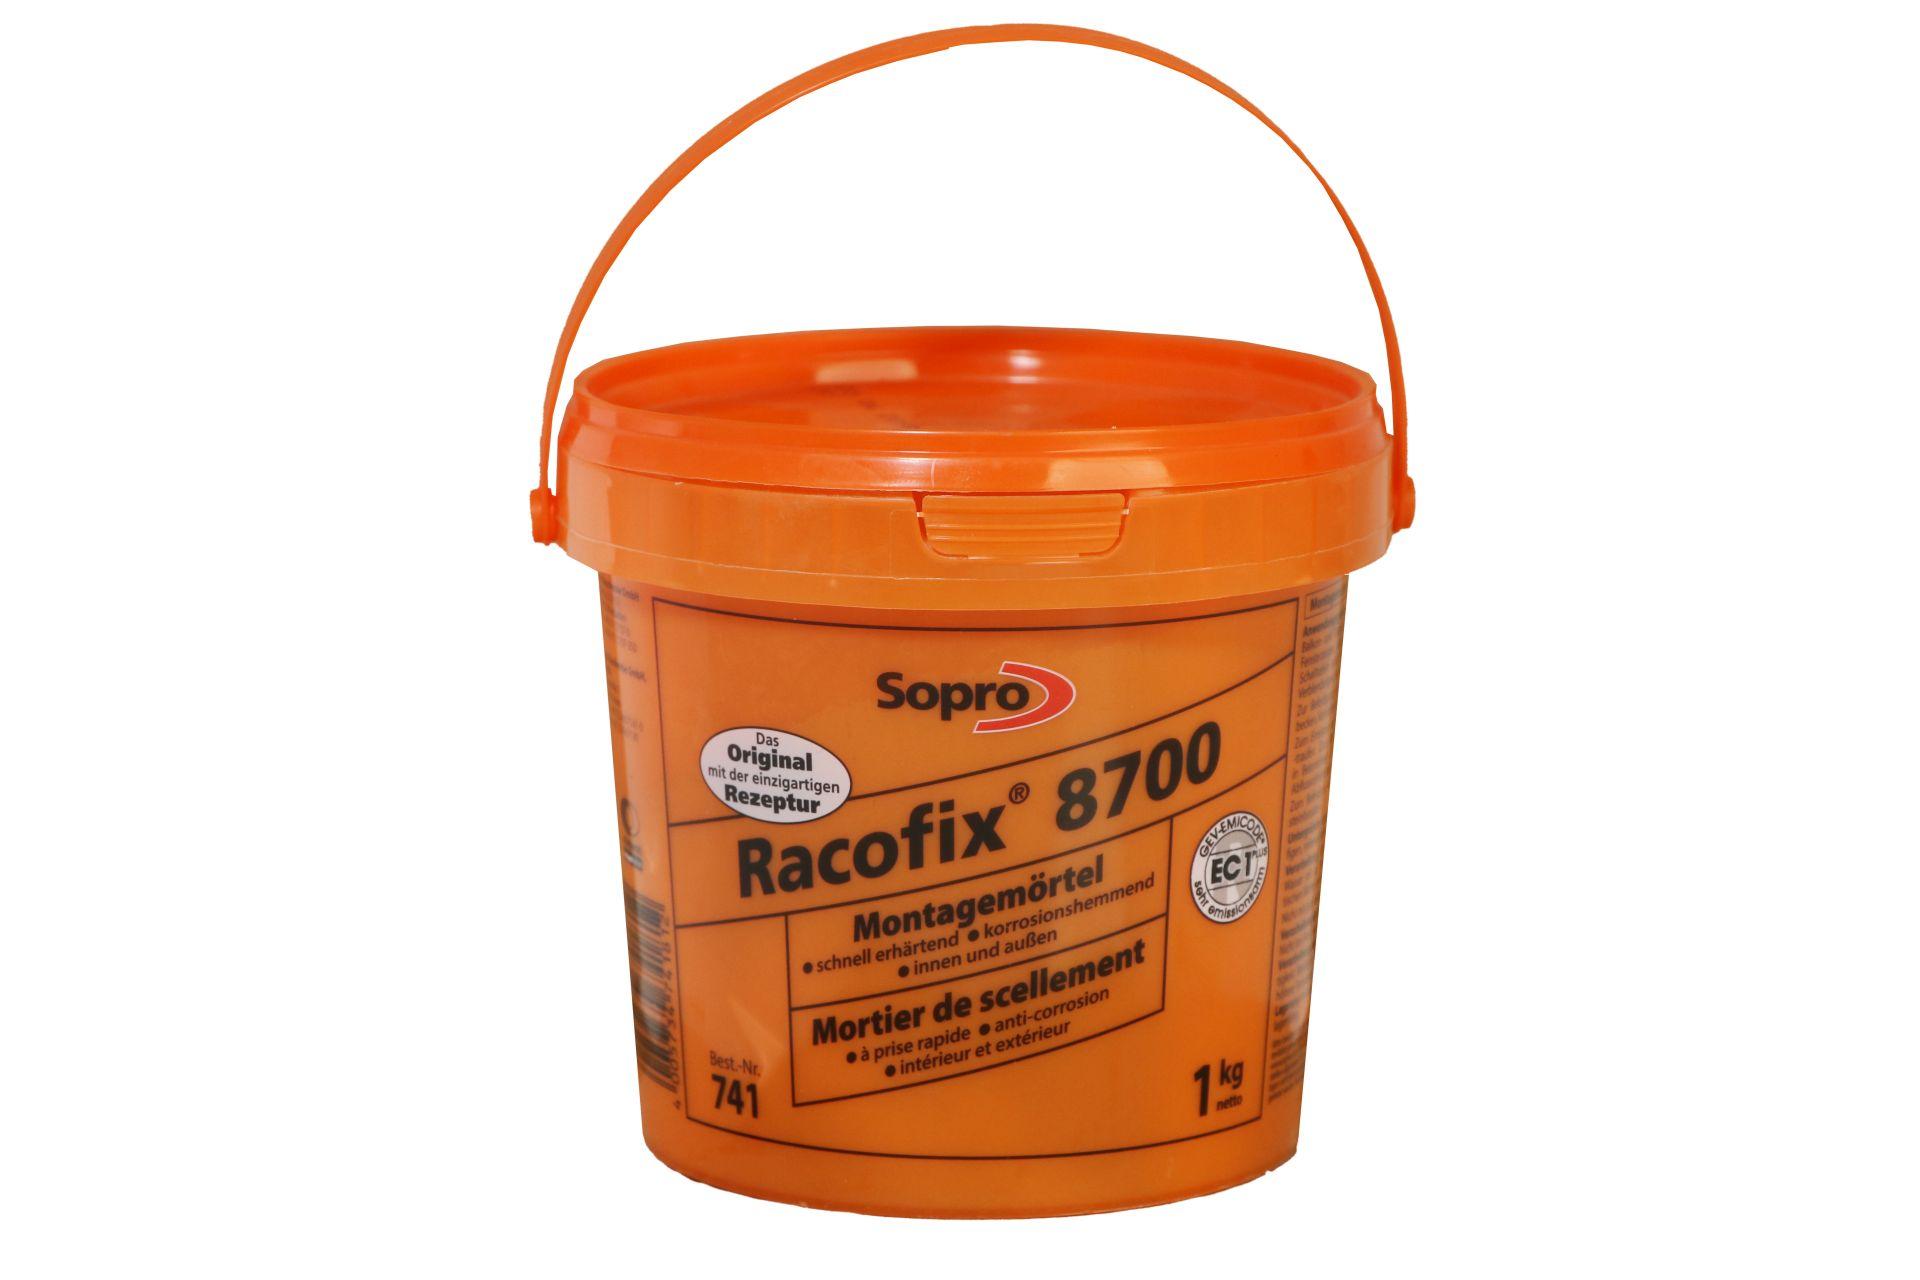 Sopro Racofix 8700, Schnellmontagemörtel 741, 1 kg